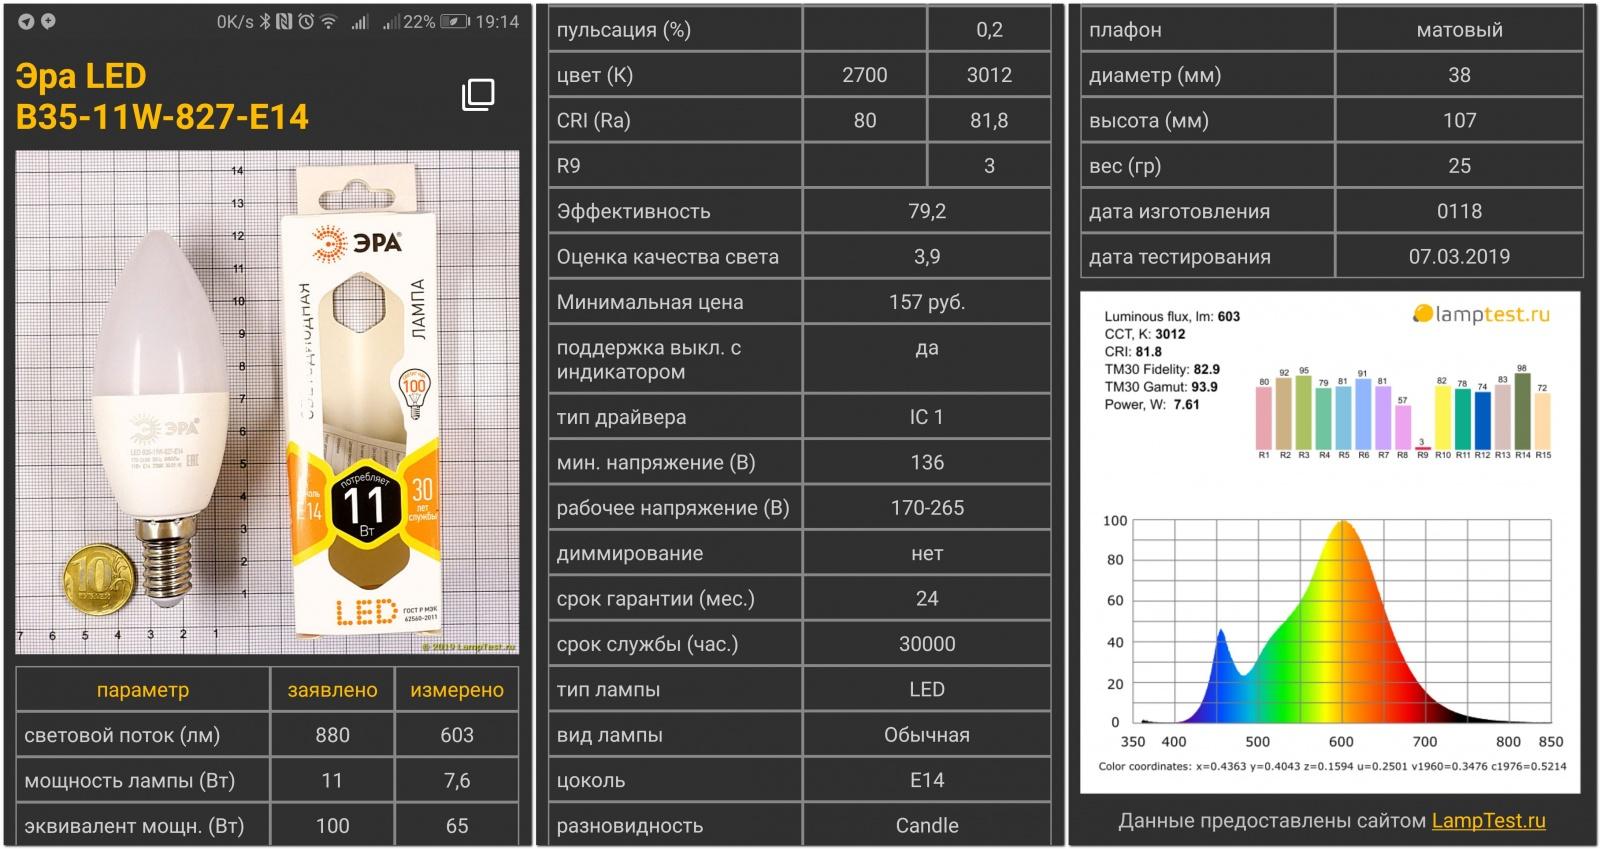 Новое мобильное приложение LampTest.ru - 4